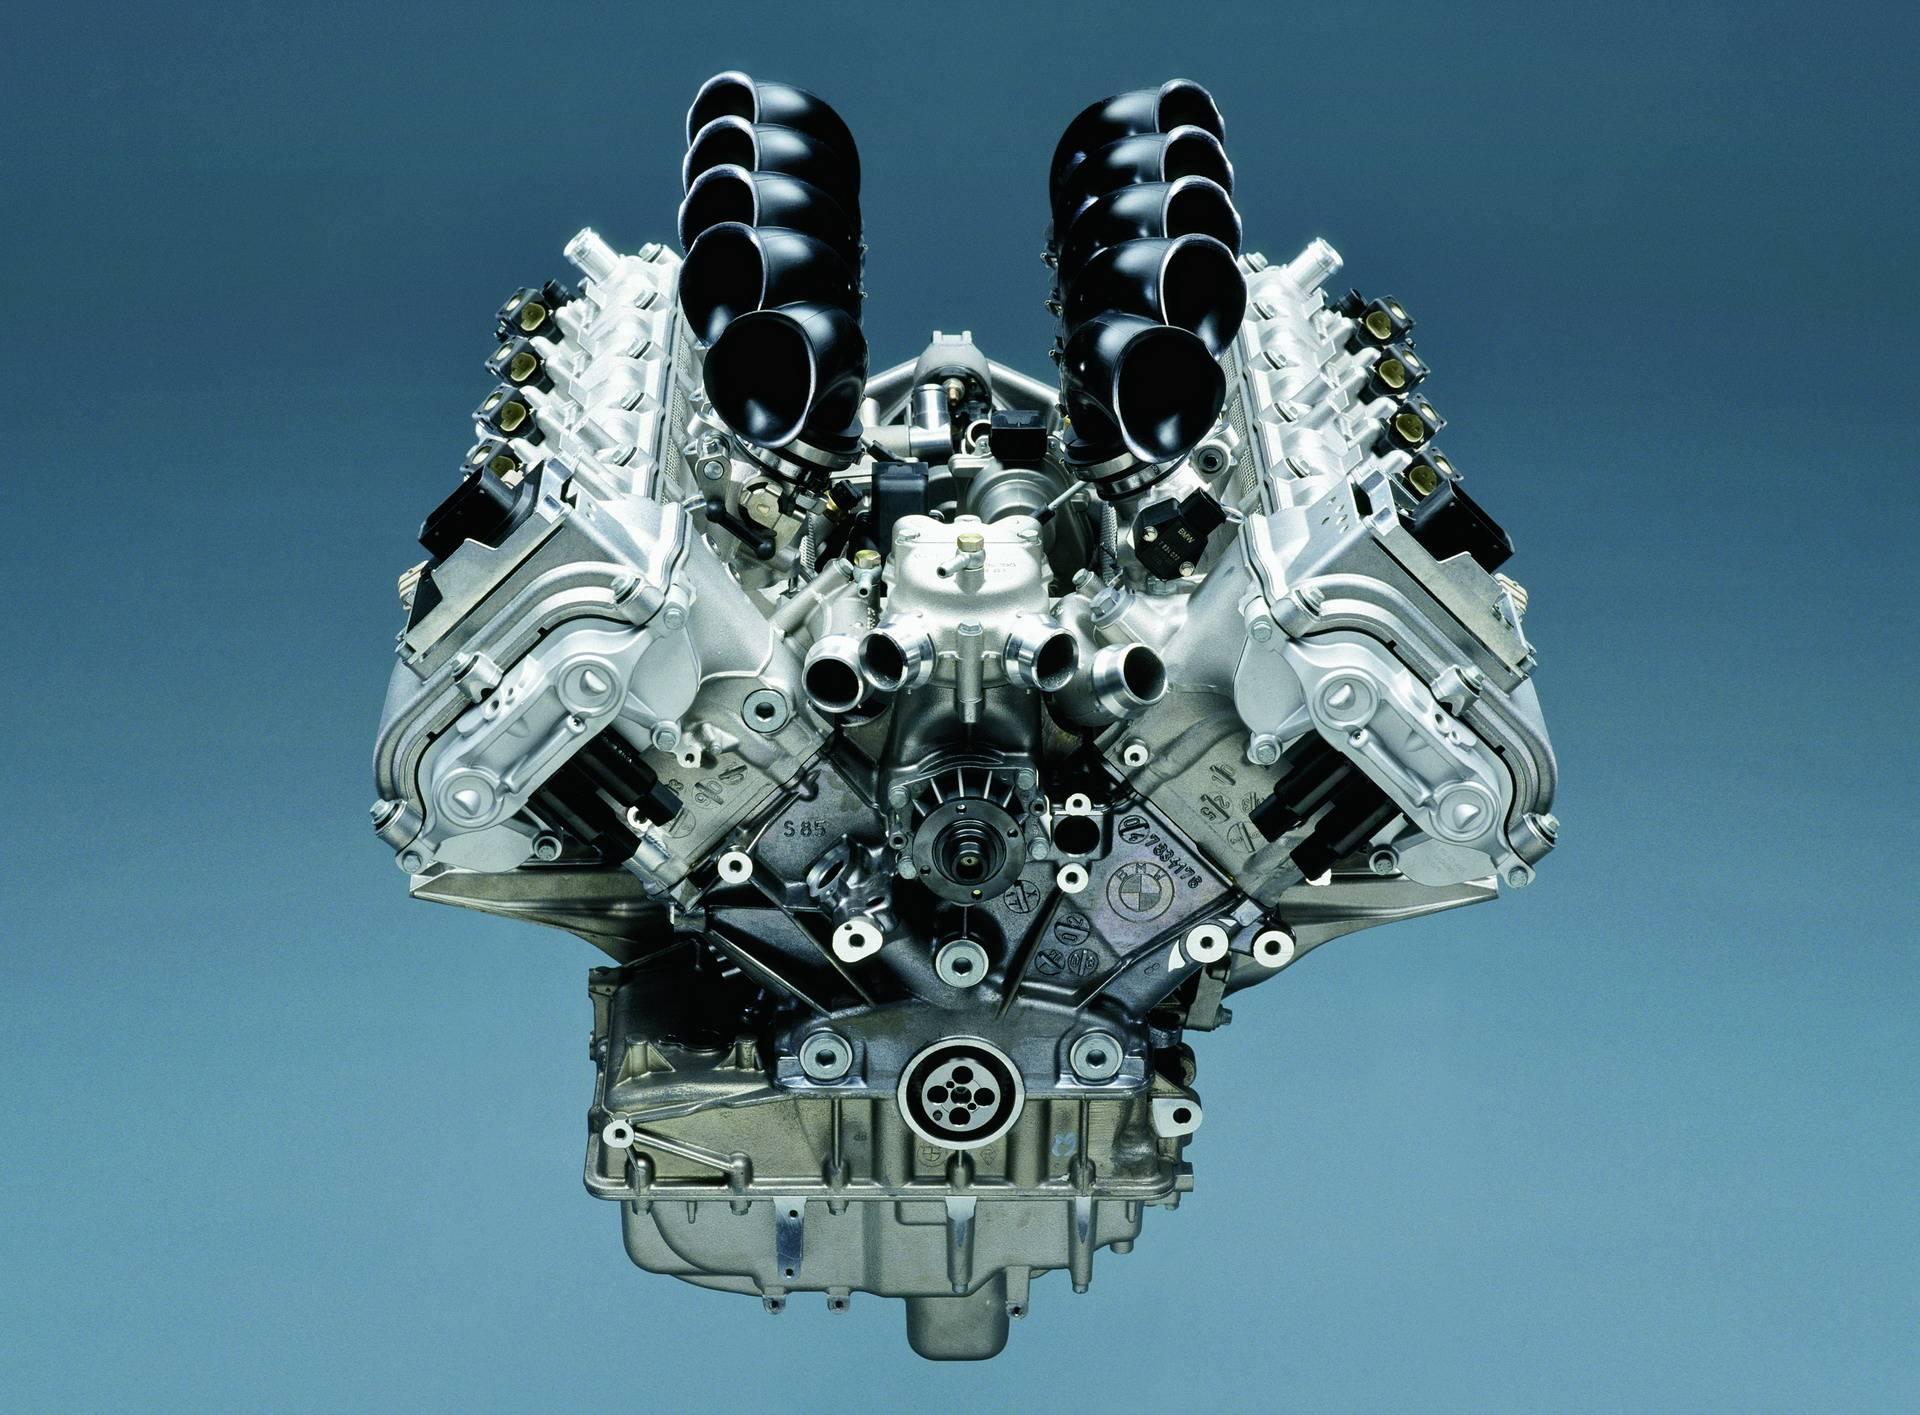 Двигатель BMW S85 V10 - легендарный мотор из Баварии 7